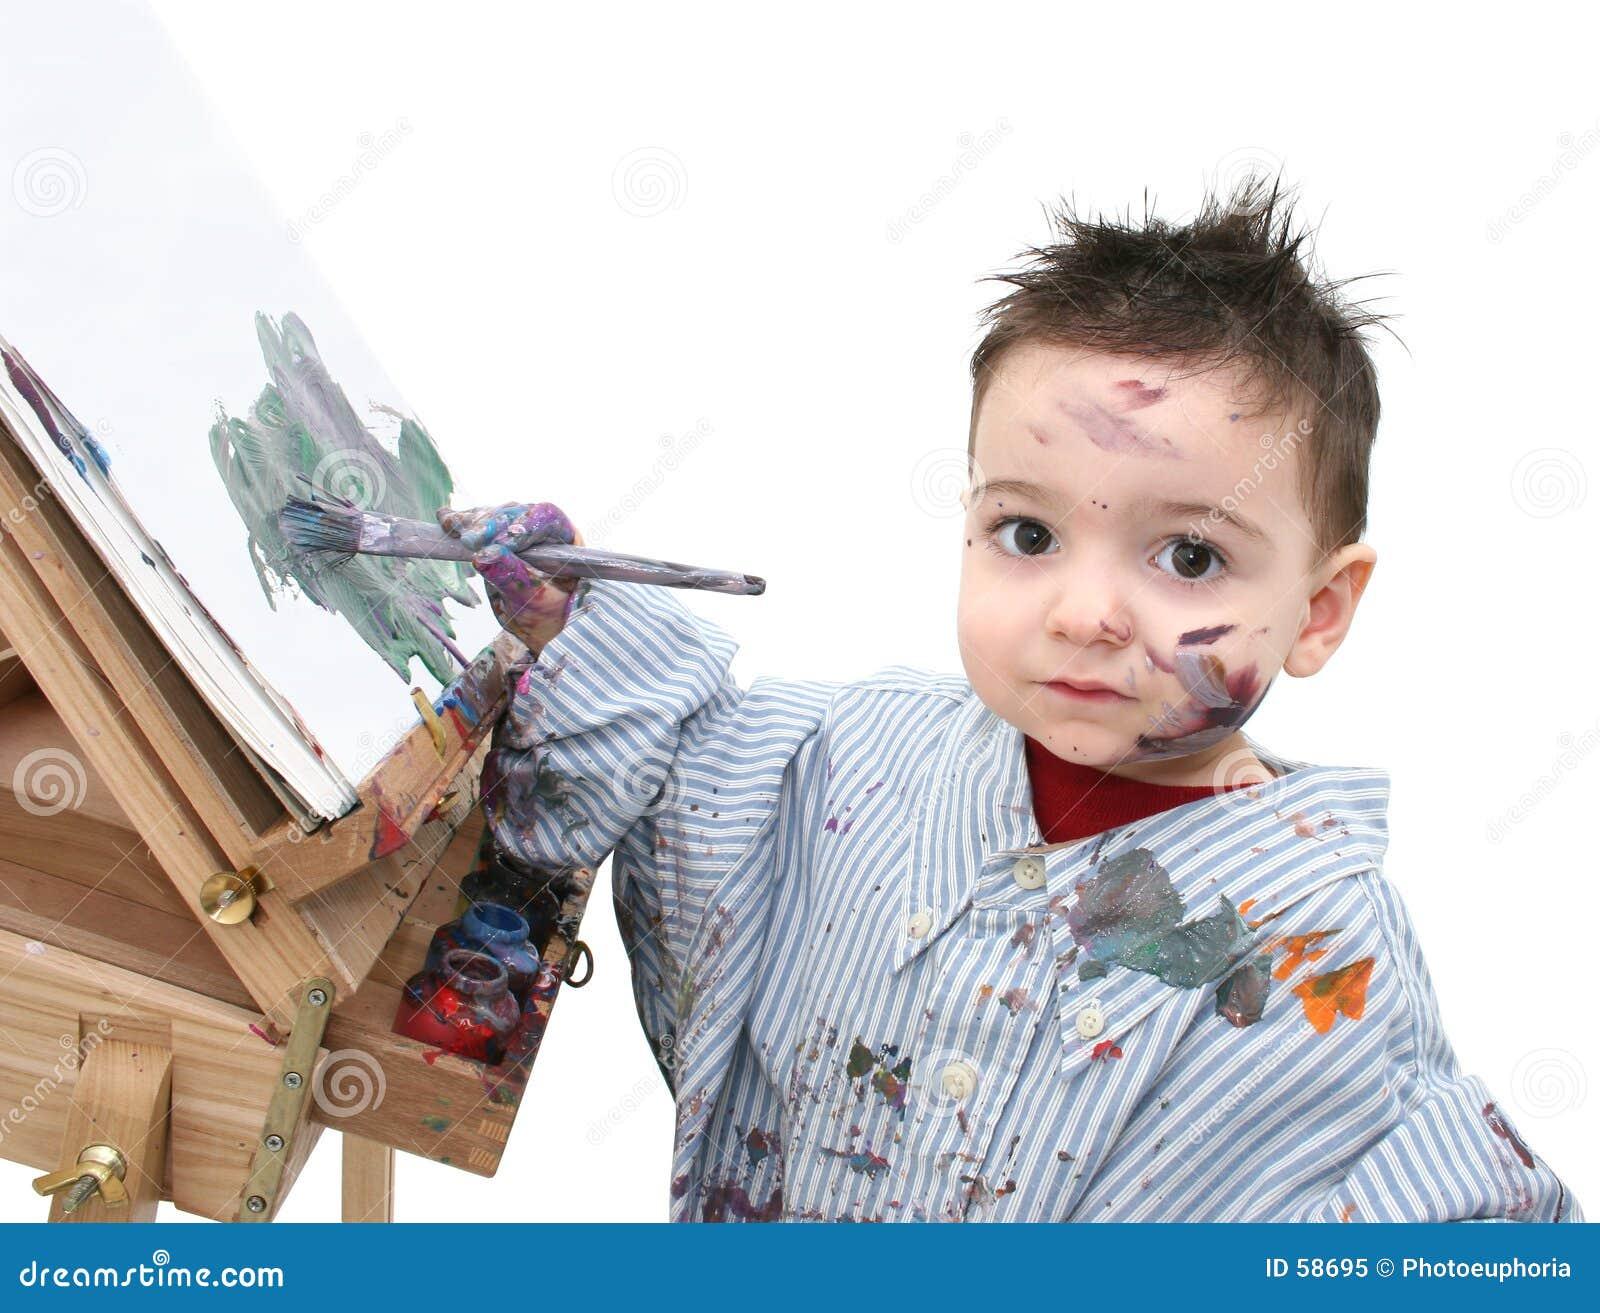 04个男孩儿童绘画